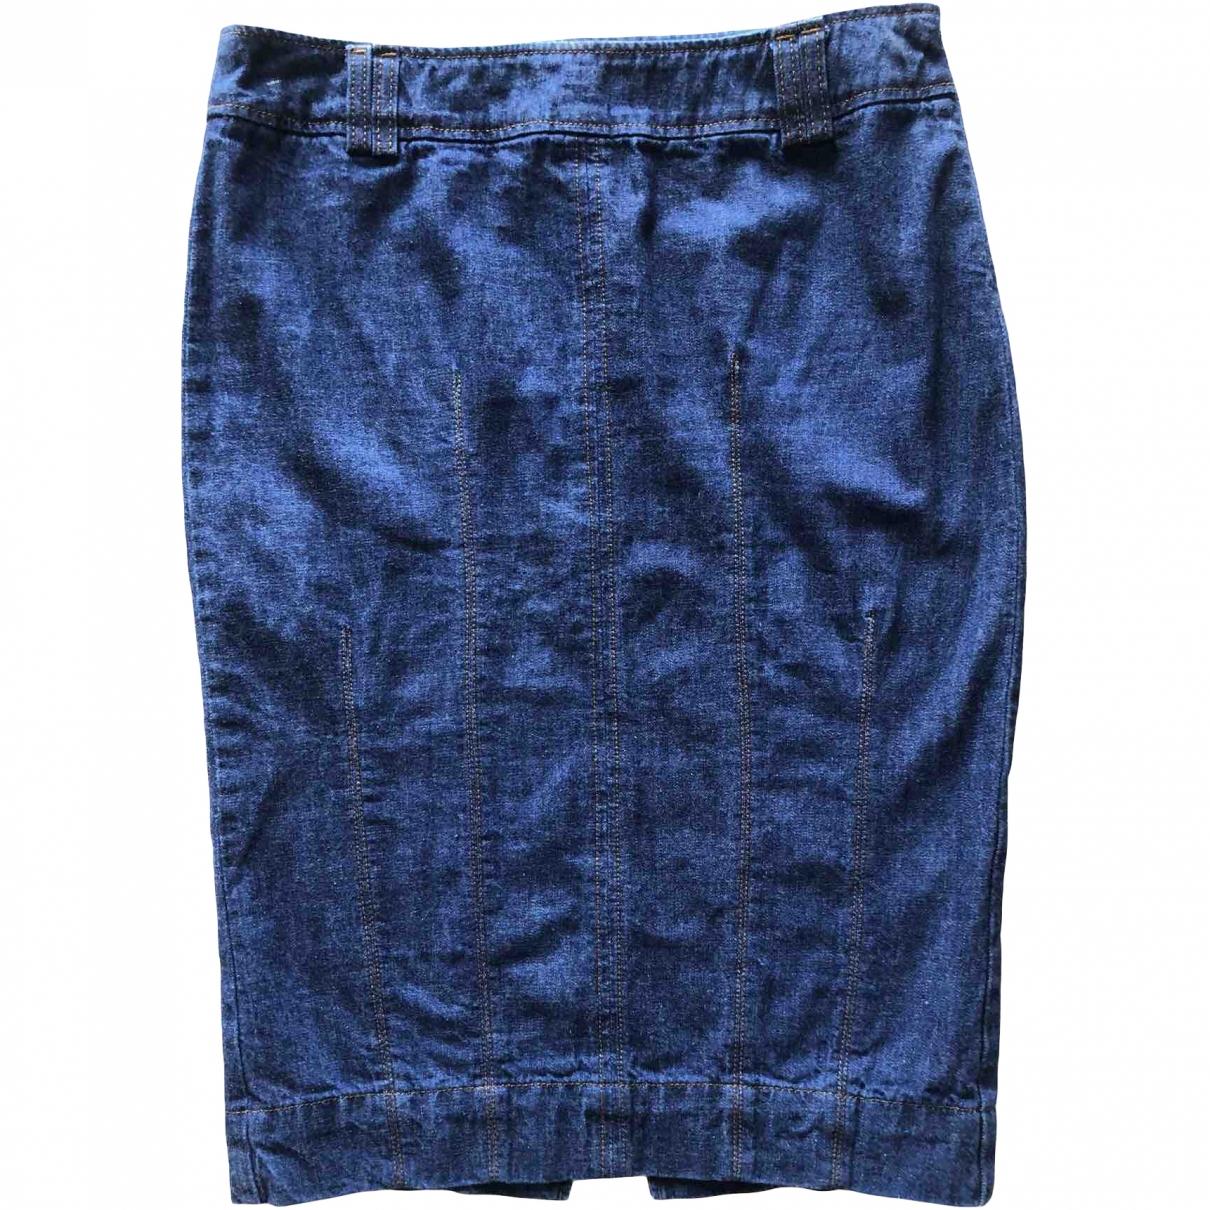 Max & Co \N Blue Denim - Jeans skirt for Women 42 IT